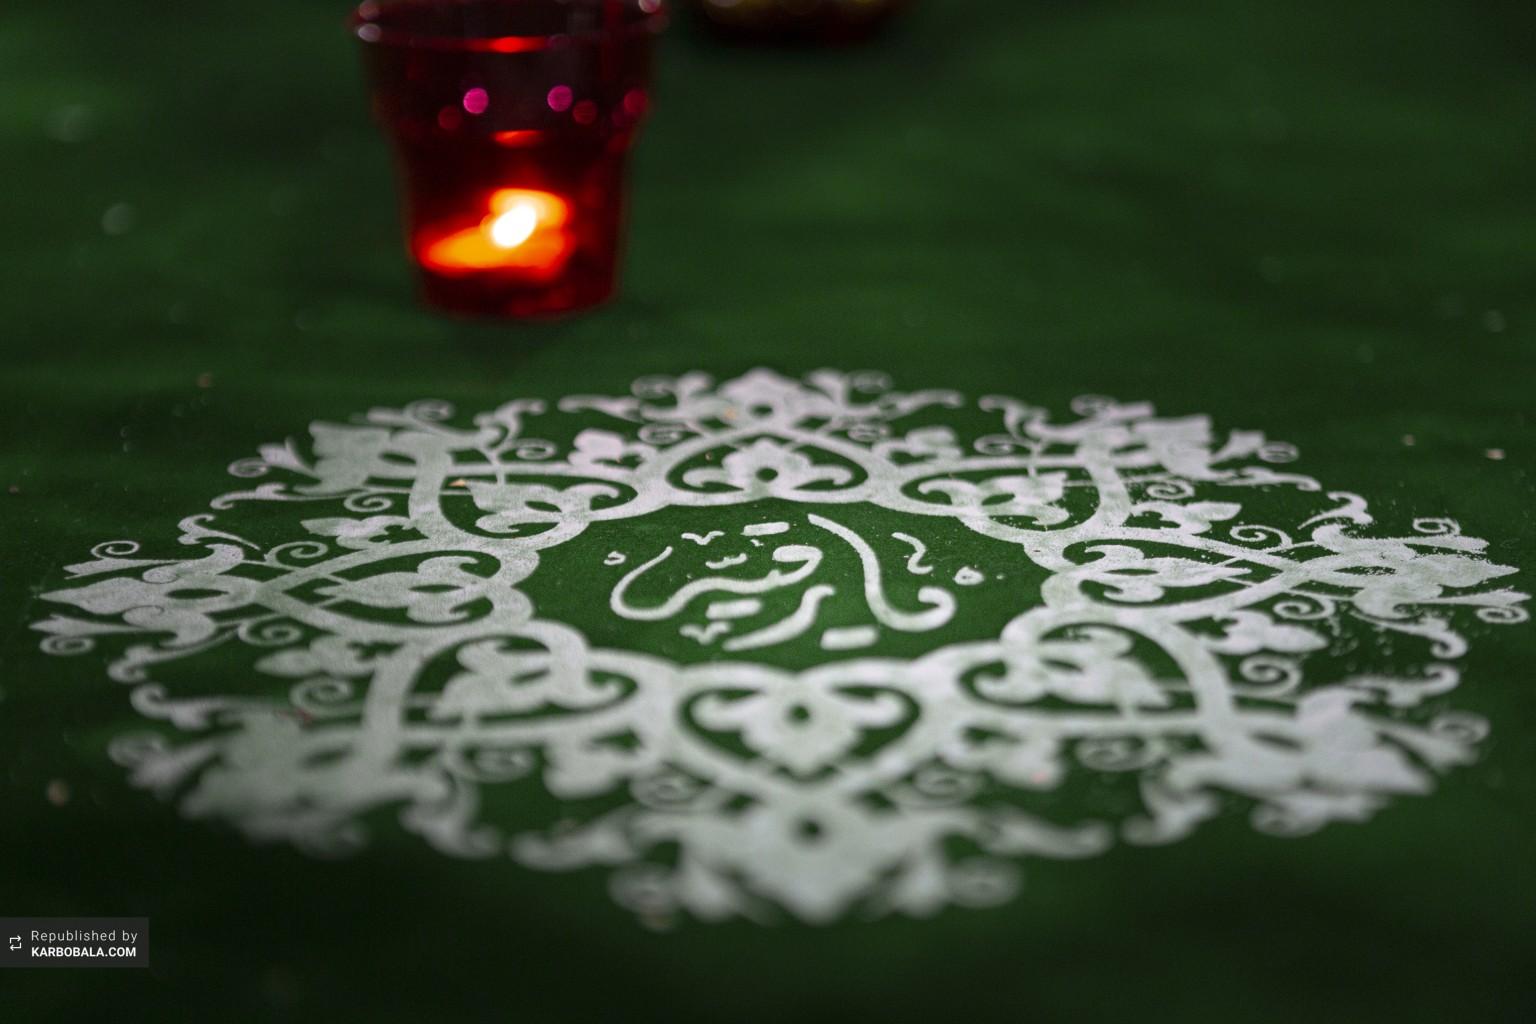 نام و یادکرد حضرت رقیه (س) در آثار و منابع کهن تا پایان قرن هفتم